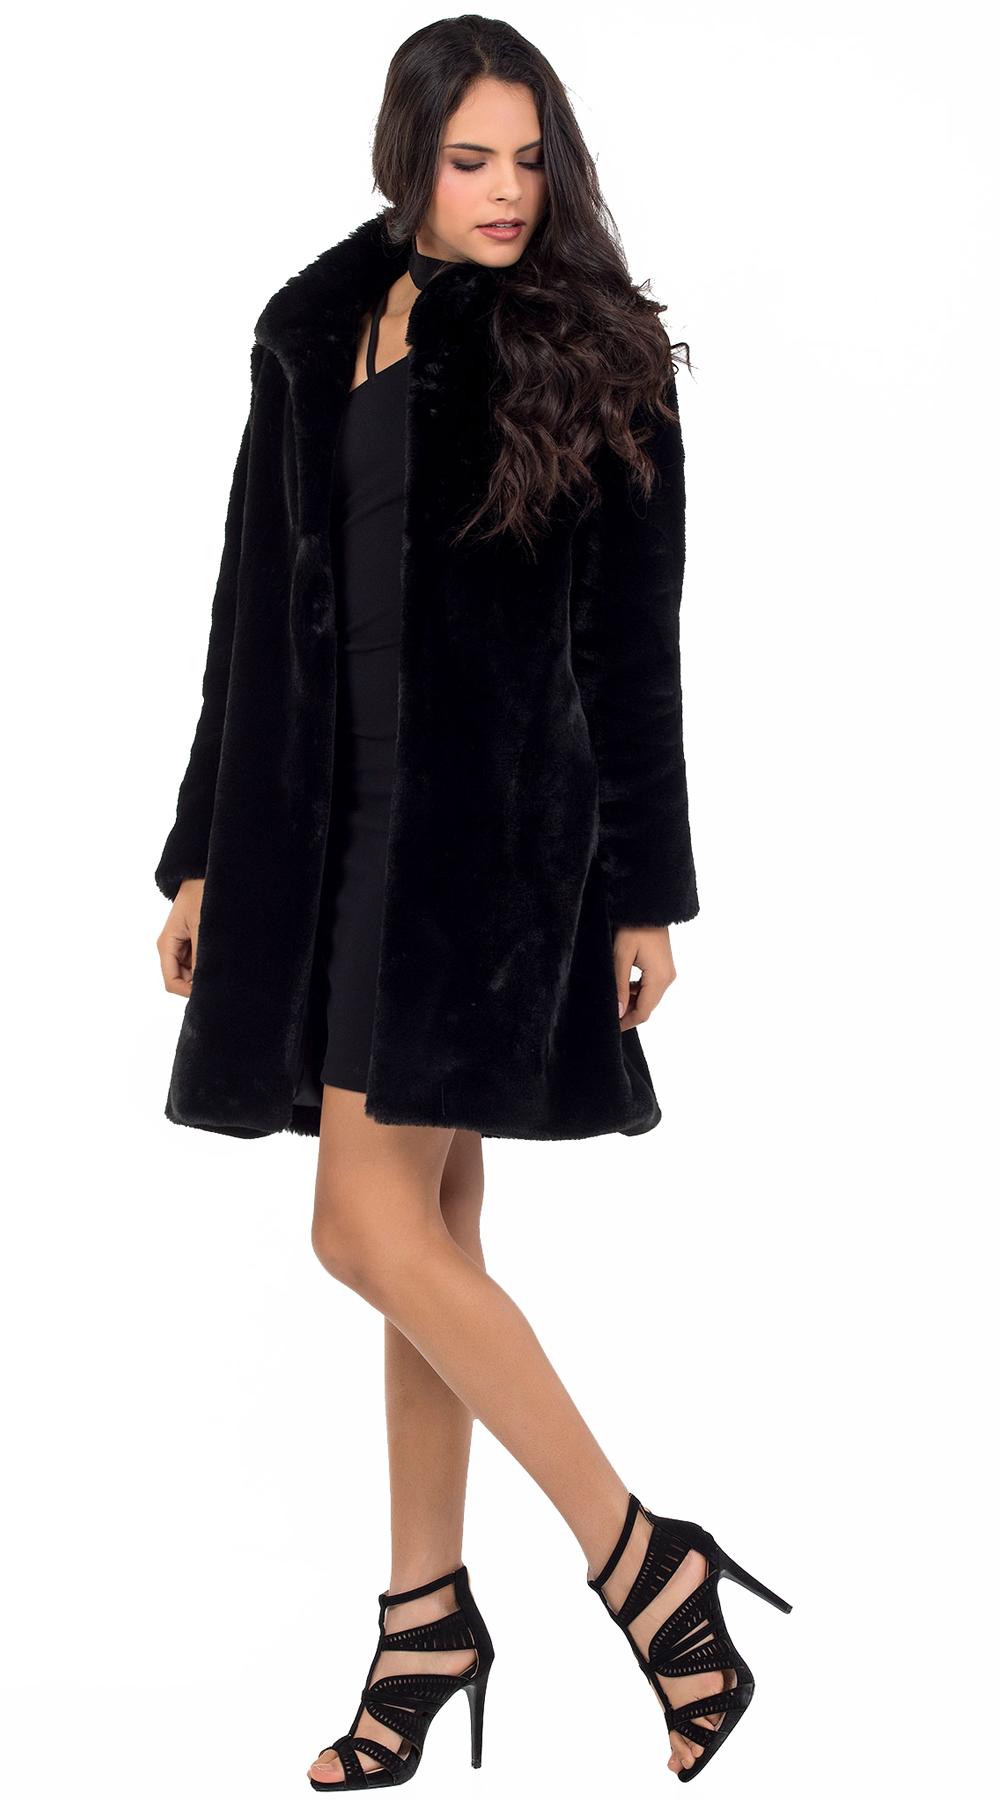 Γυναικείο γούνινο πανωφόρι Online - ONLINE - W18ON-47006 πανωφόρια faux fur outwear